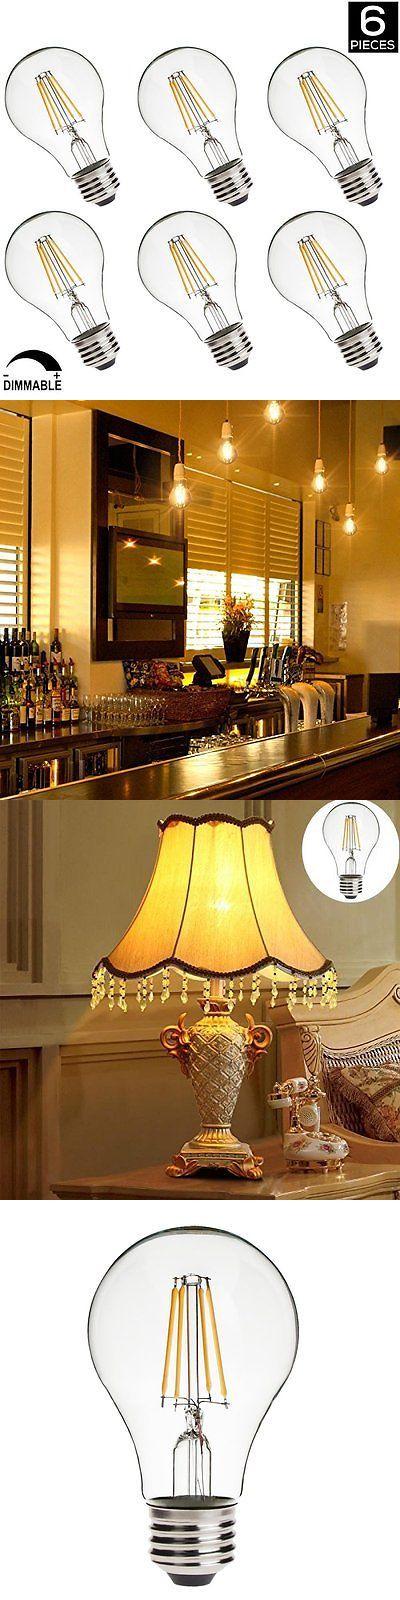 Light Bulbs 20706 Led A19 Dimmable Edison Bulbs2700K Warm White